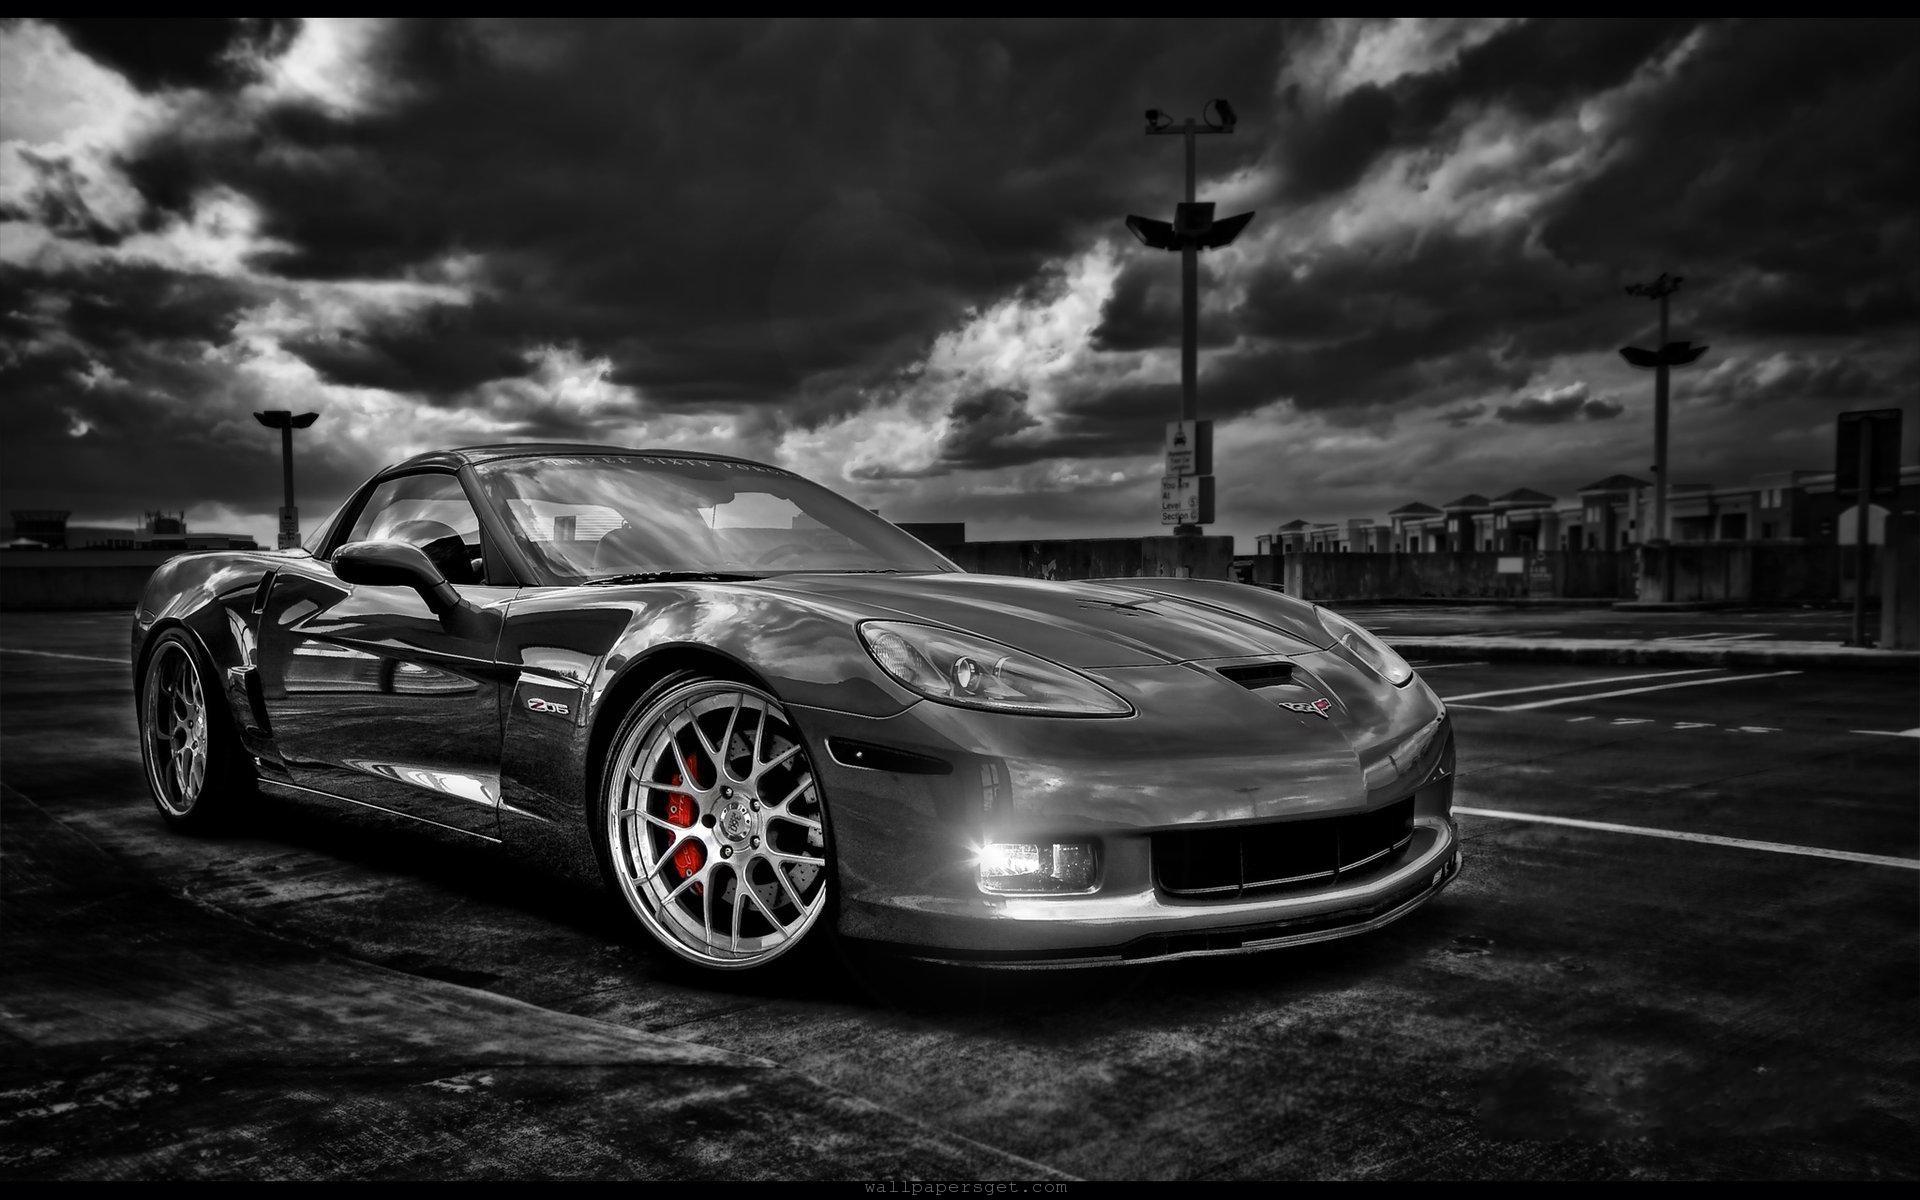 Sfondi per desktop hd auto corvette sfondi hd gratis for Sfondi hd desktop